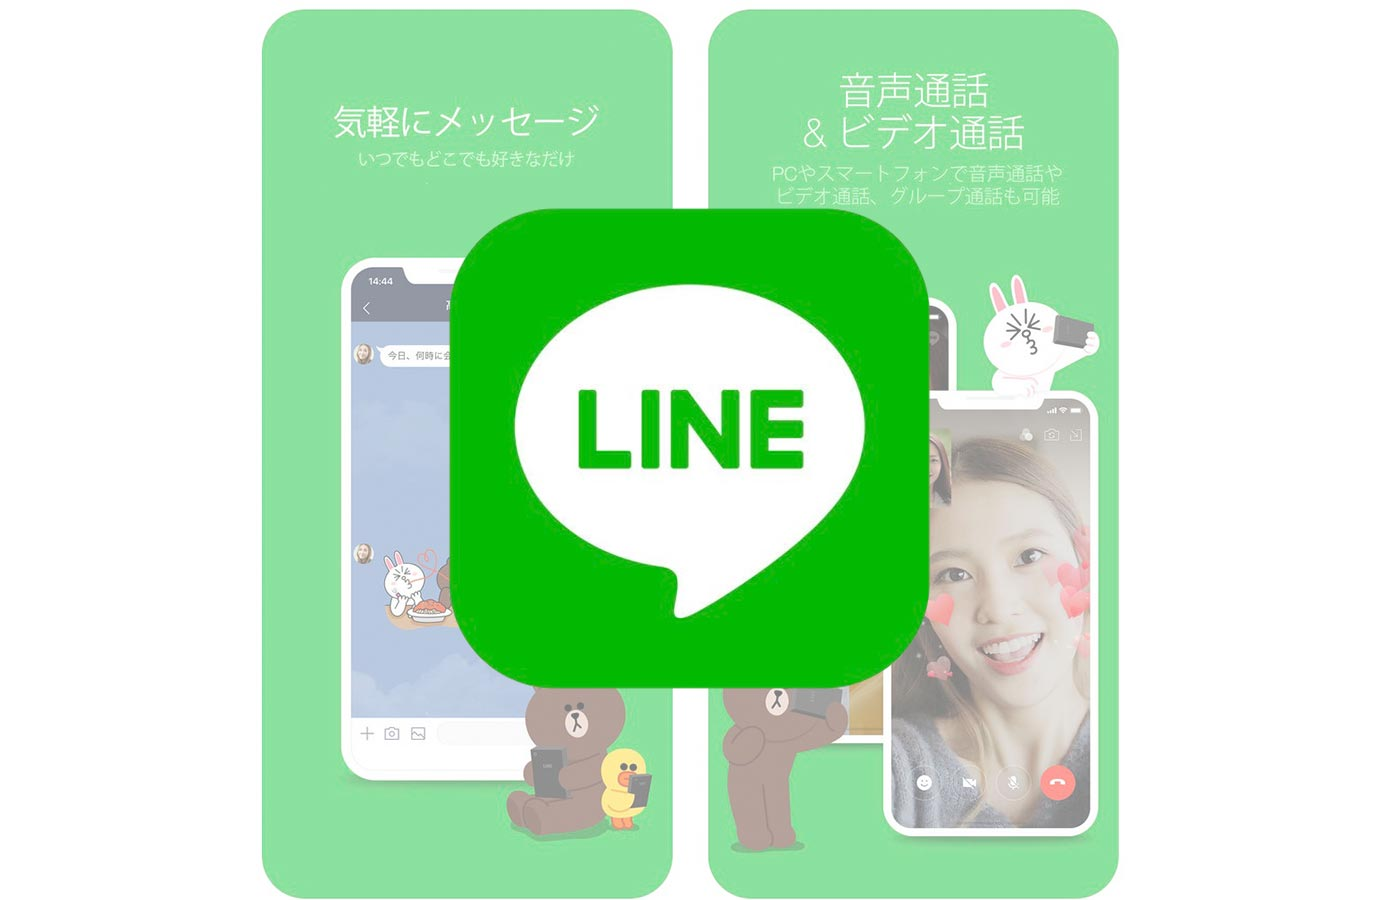 LINE、iOSアプリ「LINE 9.0.0」リリース ー トークルームに表示できる[ショップ]メニューからLINE絵文字の購入ページを表示できる機能を追加